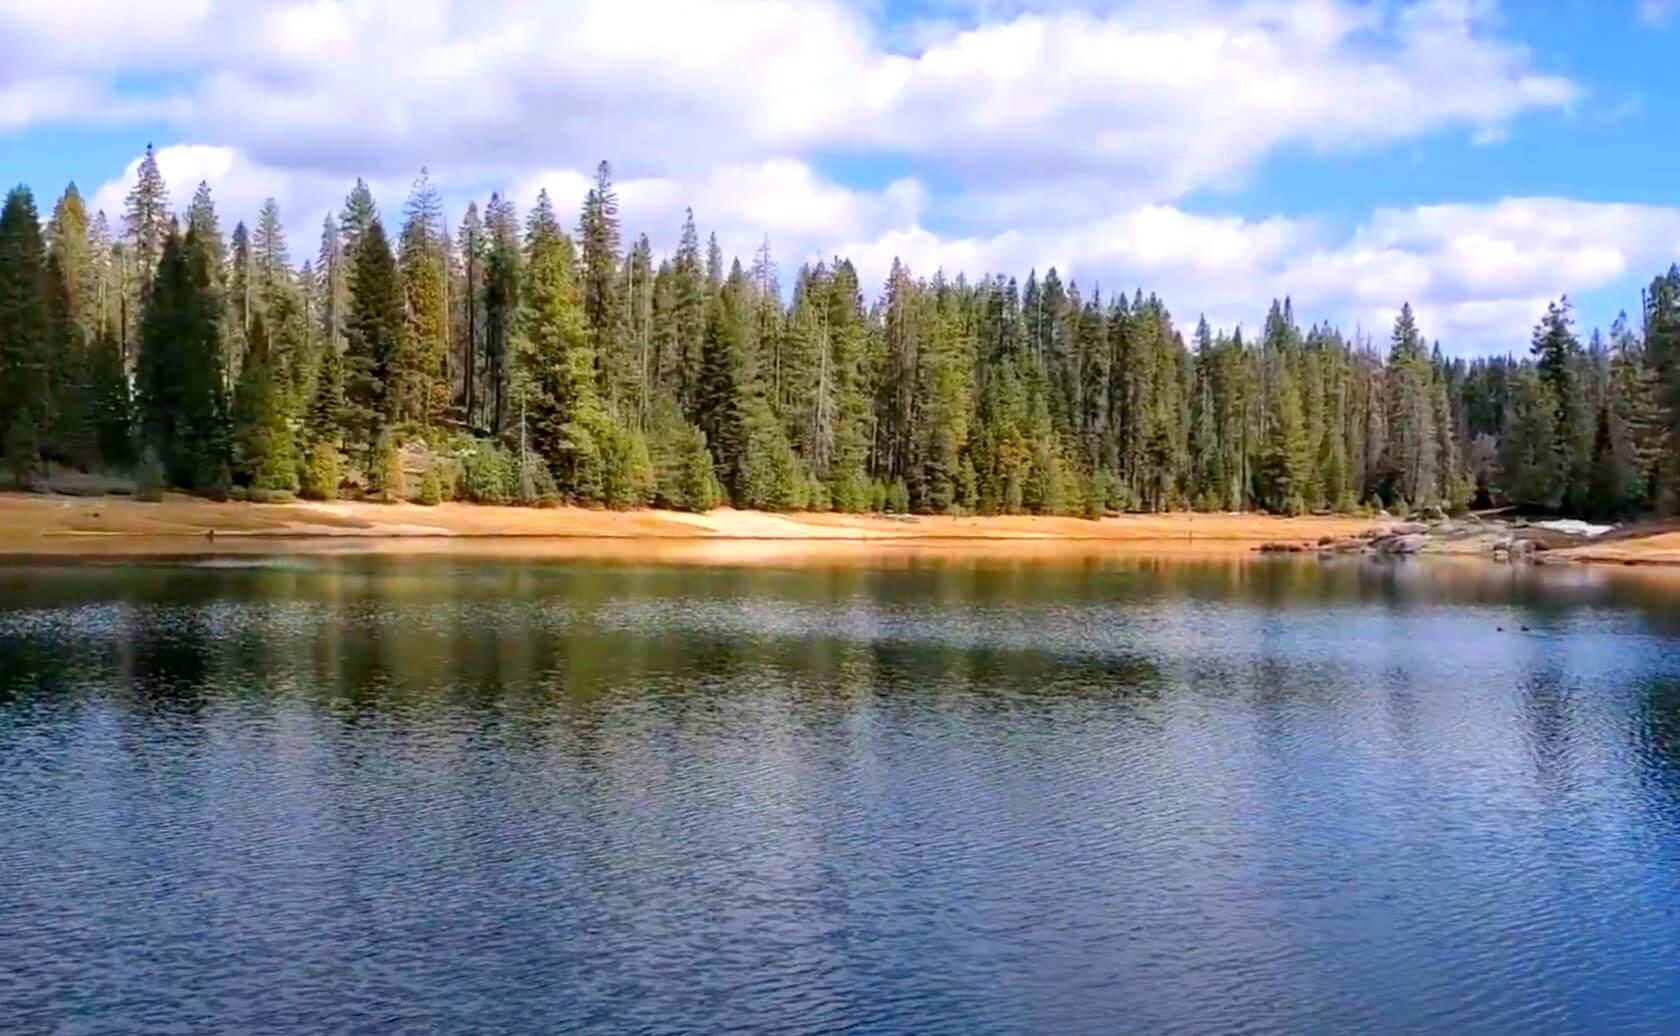 Shaver-Lake-Fishing-Guide-Report-California-08